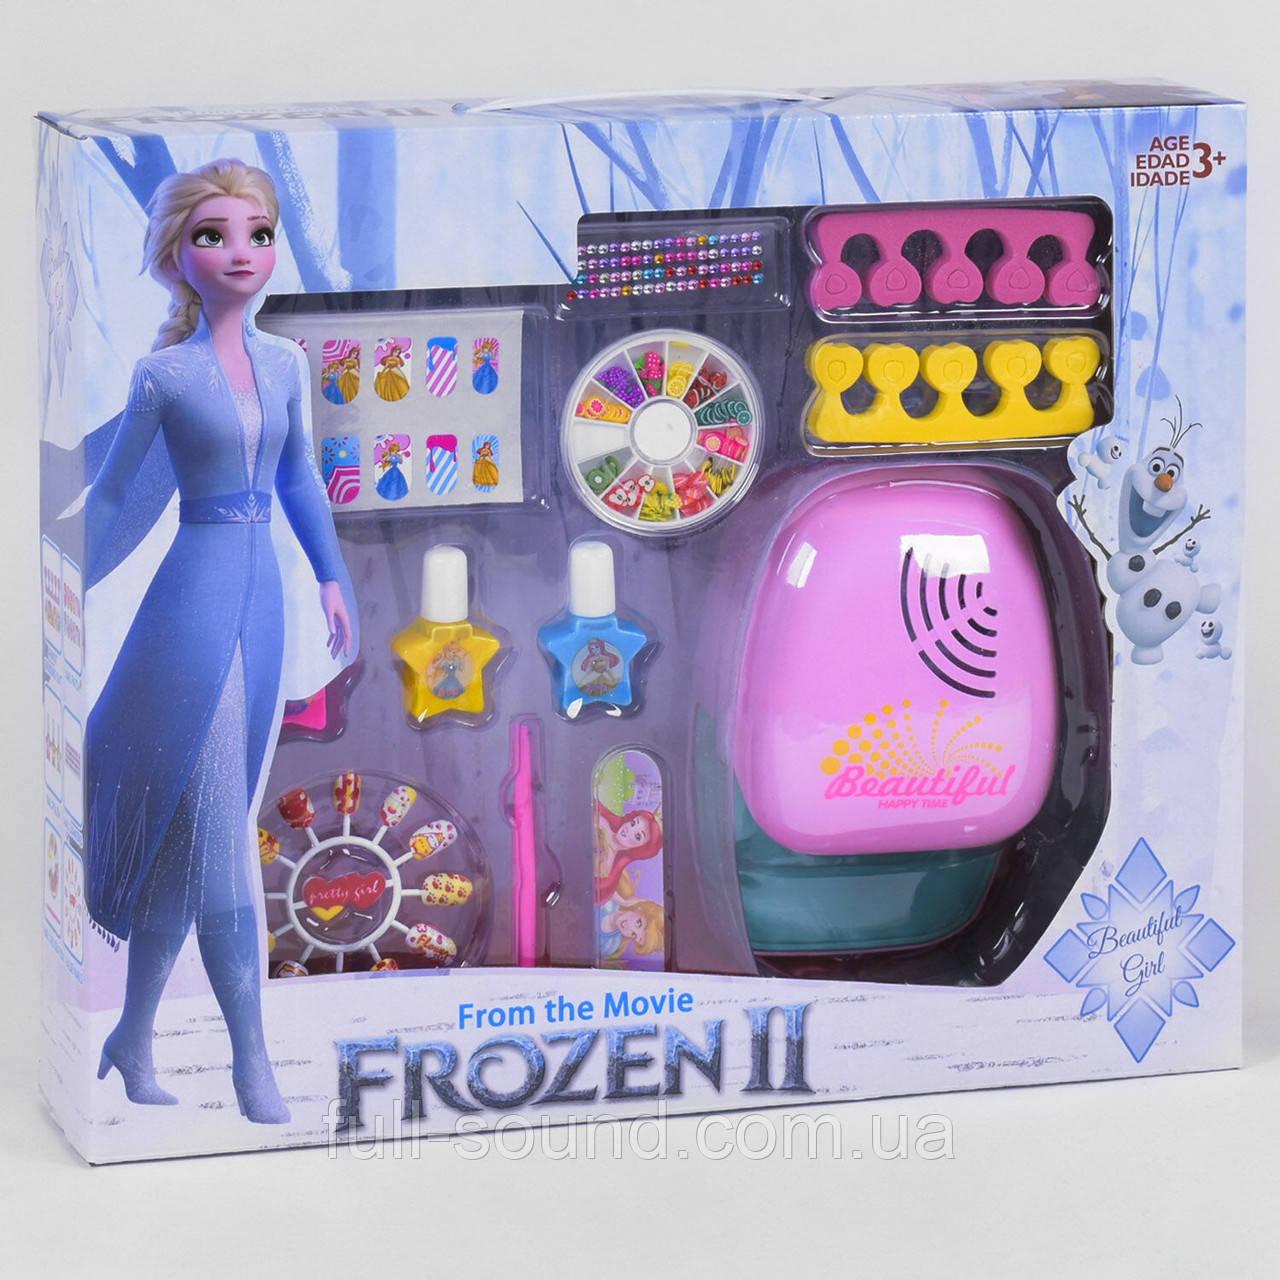 Детский набор маникюра с сушкой frozen E 14